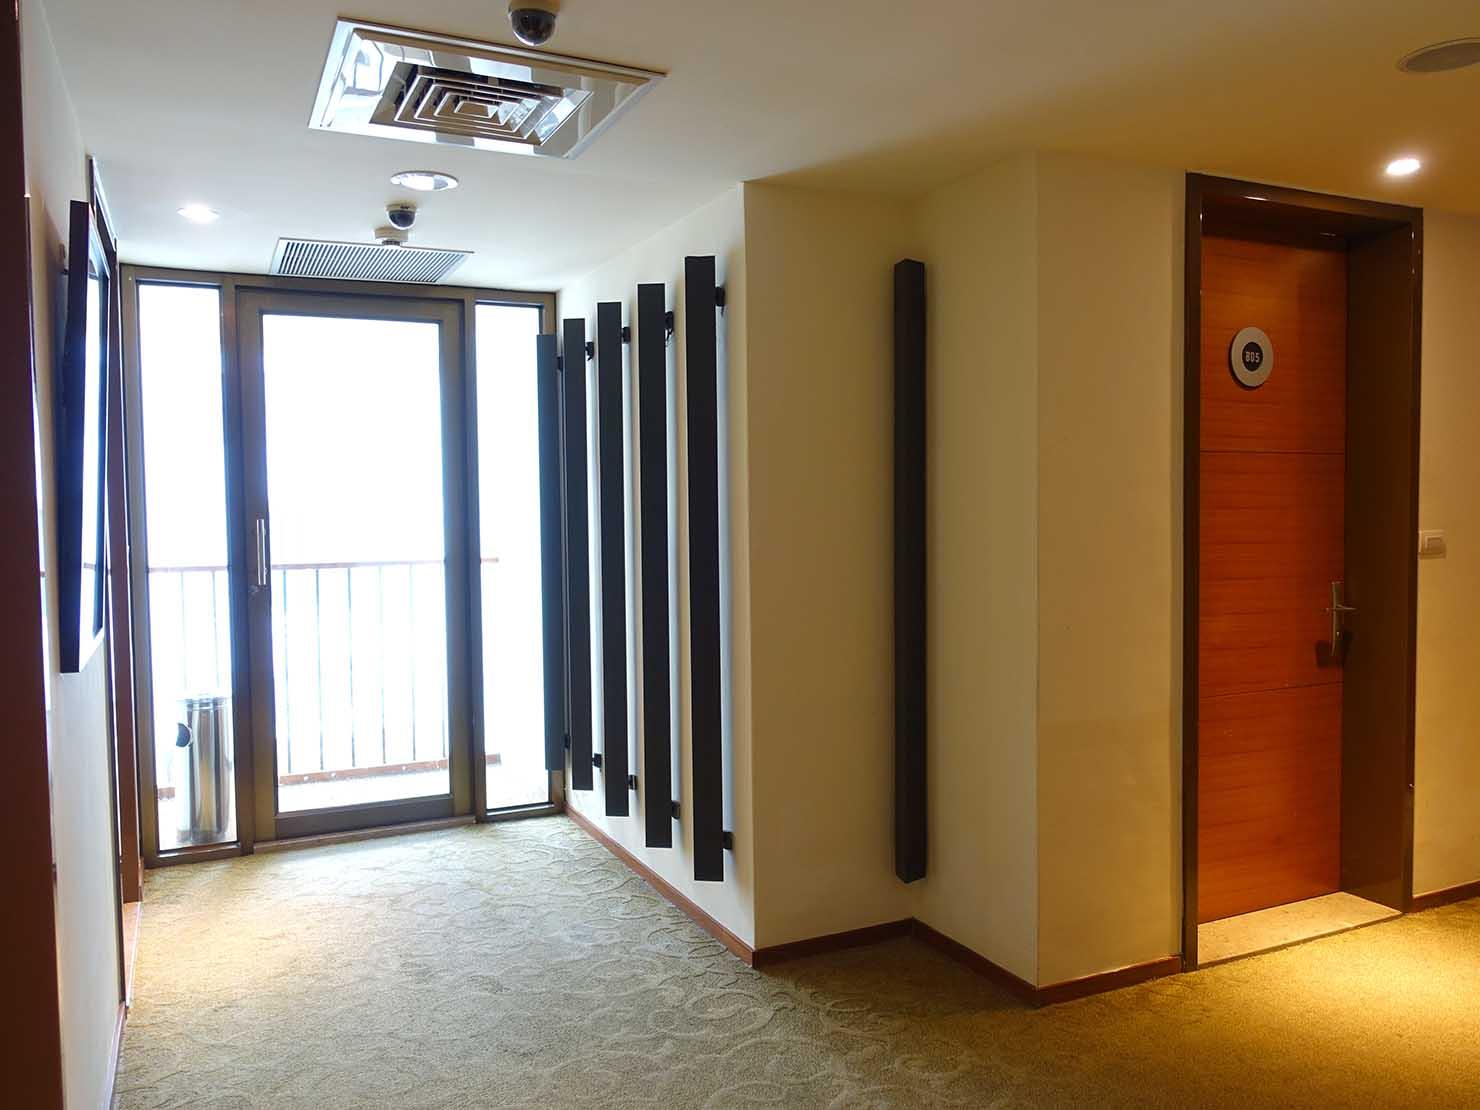 花蓮市街中心部にあるホテル「馥麗生活旅店 Quality Inn」のエレベーターホール